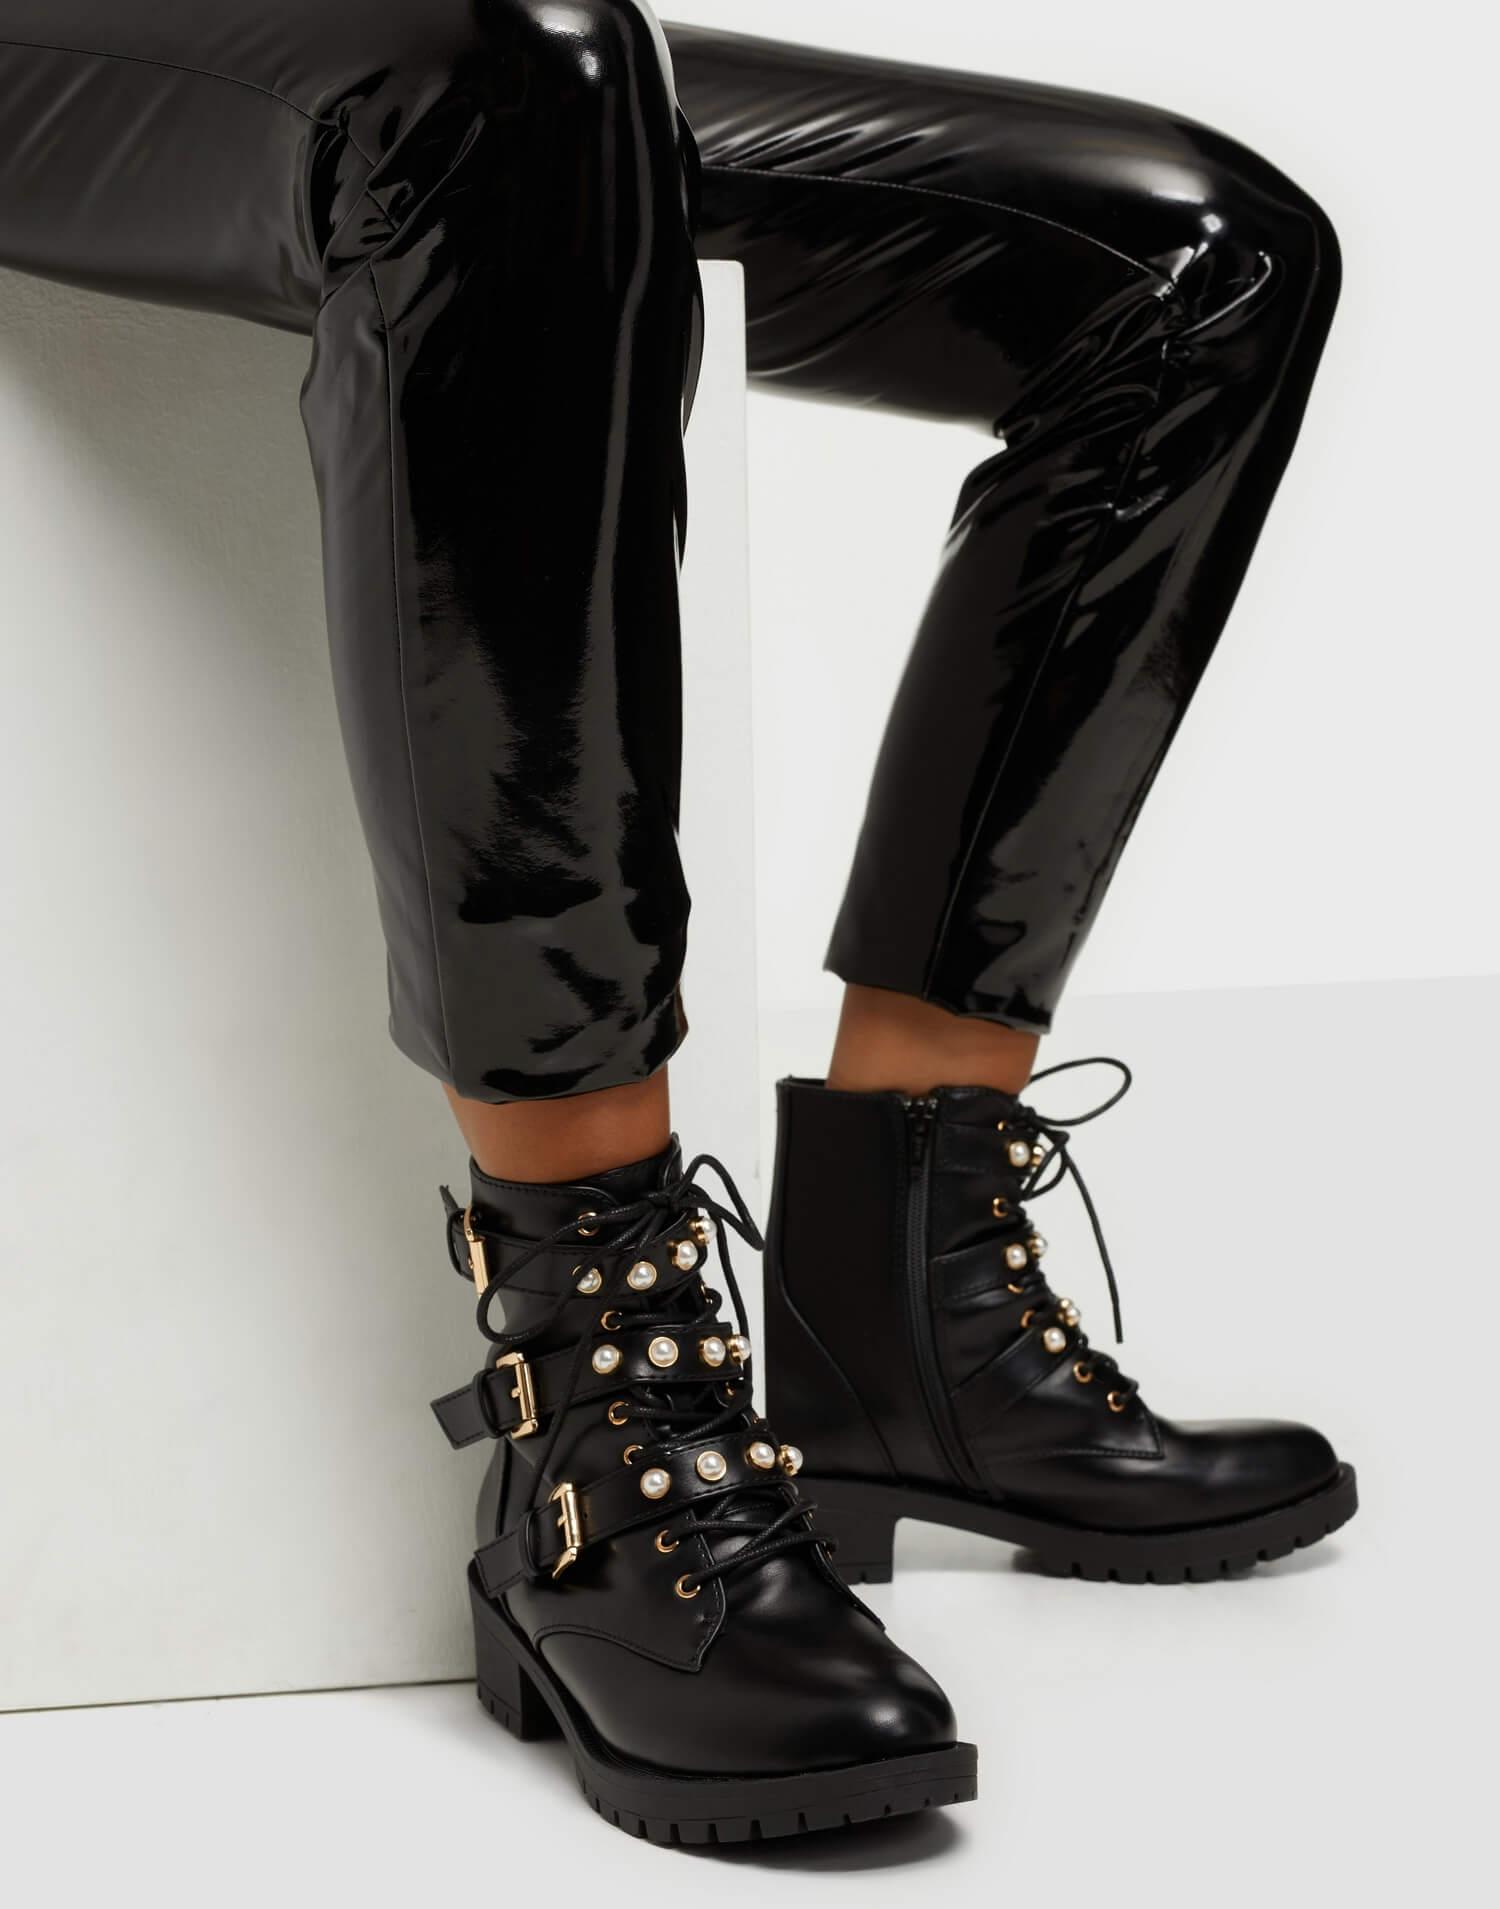 Svarta boots med metalldetaljer, från Bianco.